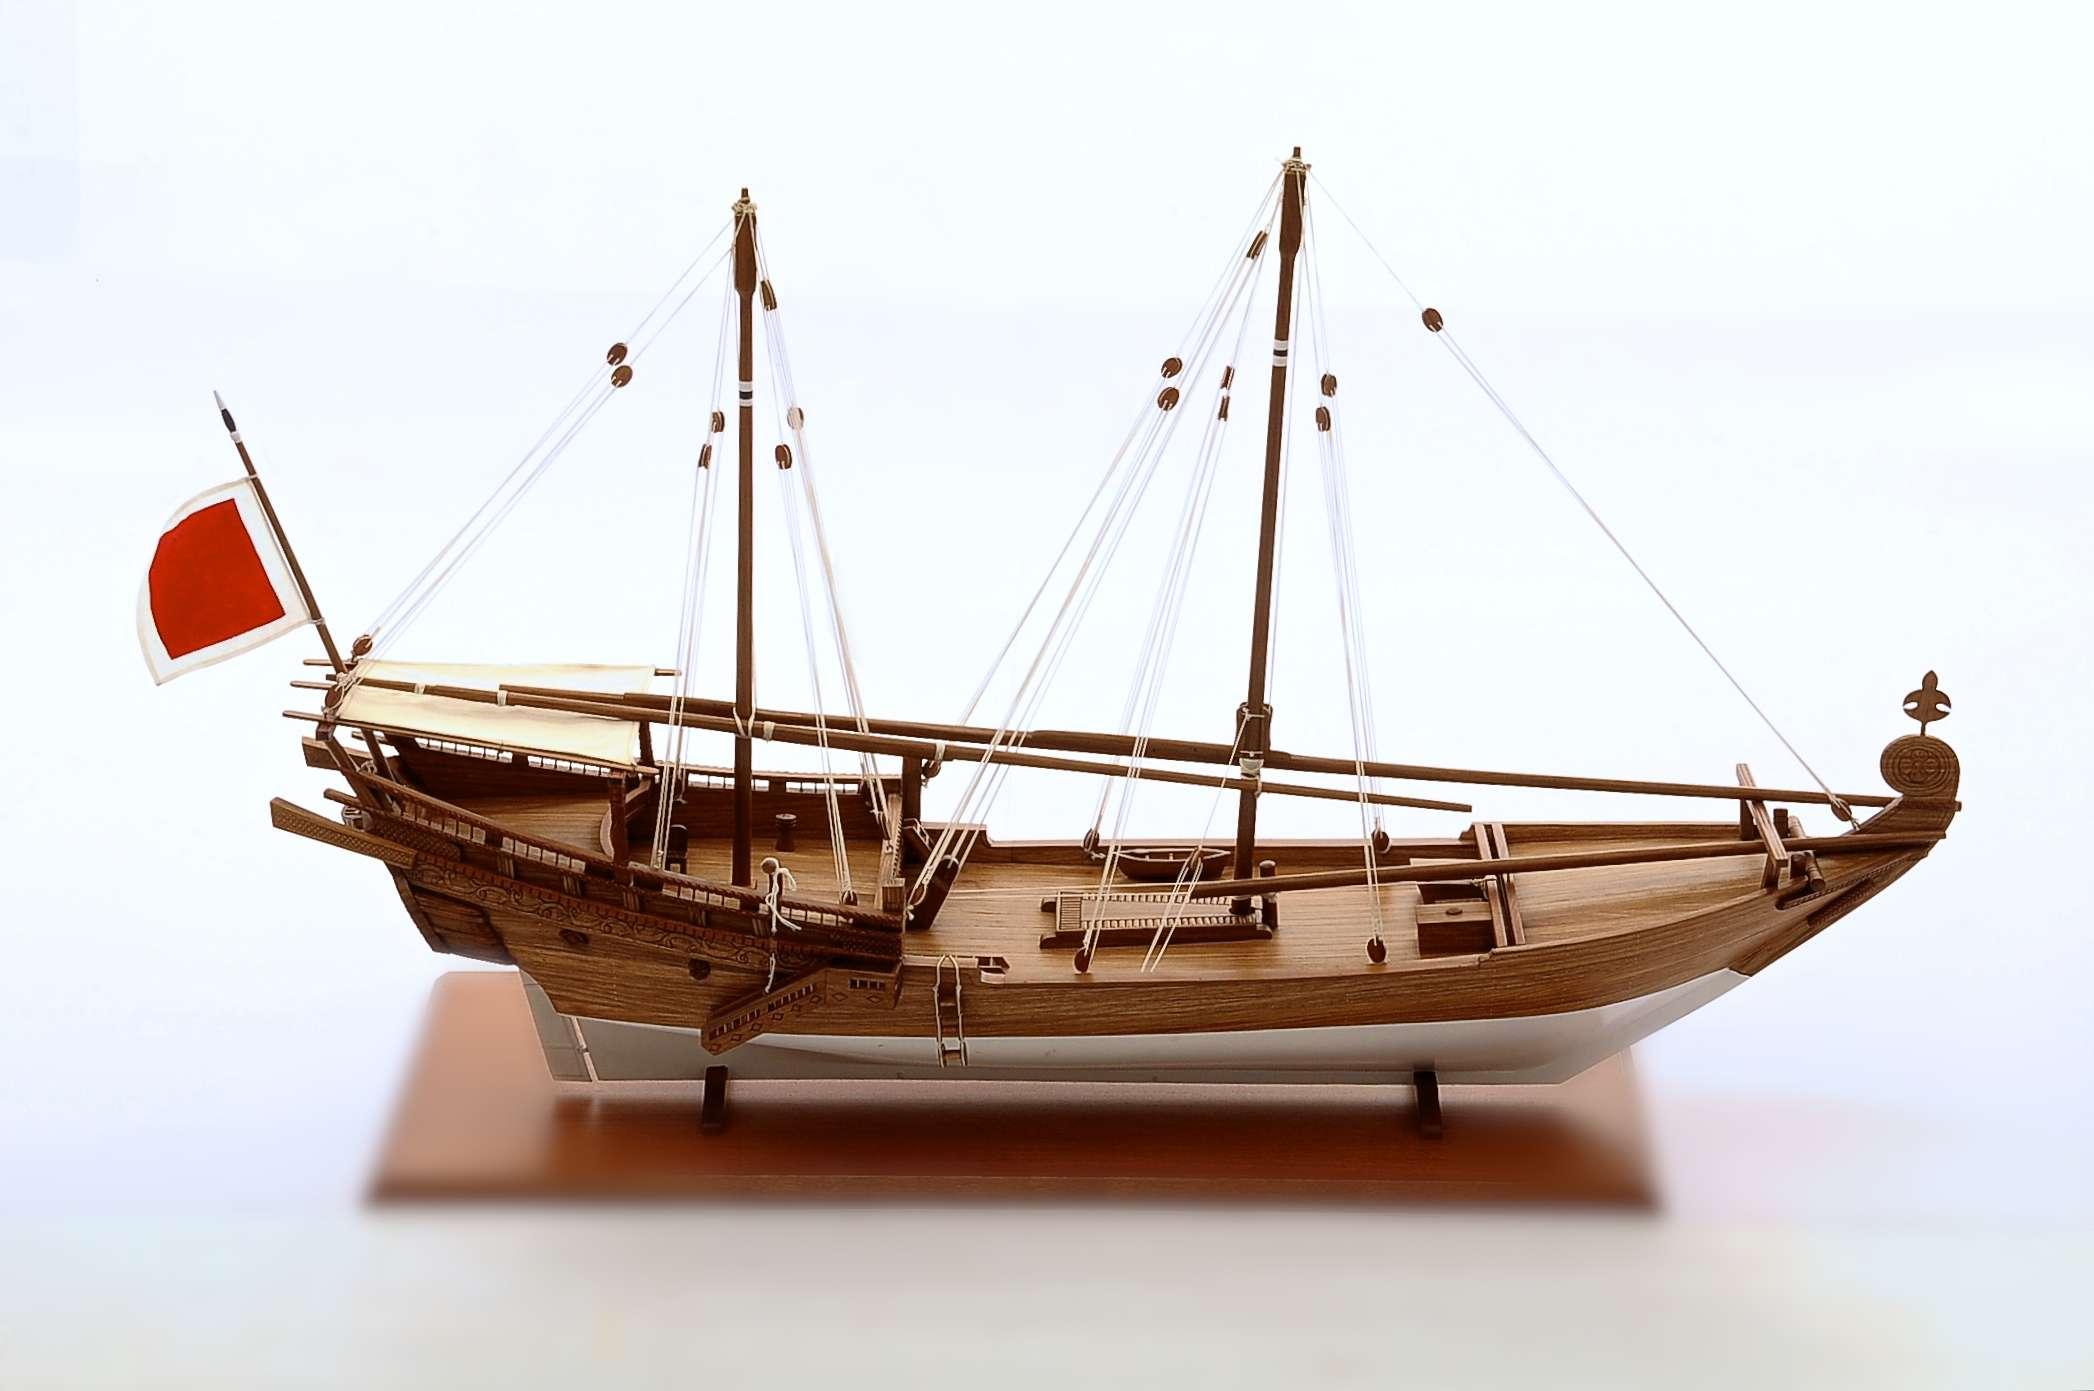 1470-4269-Al-Baghla-Model-Boat